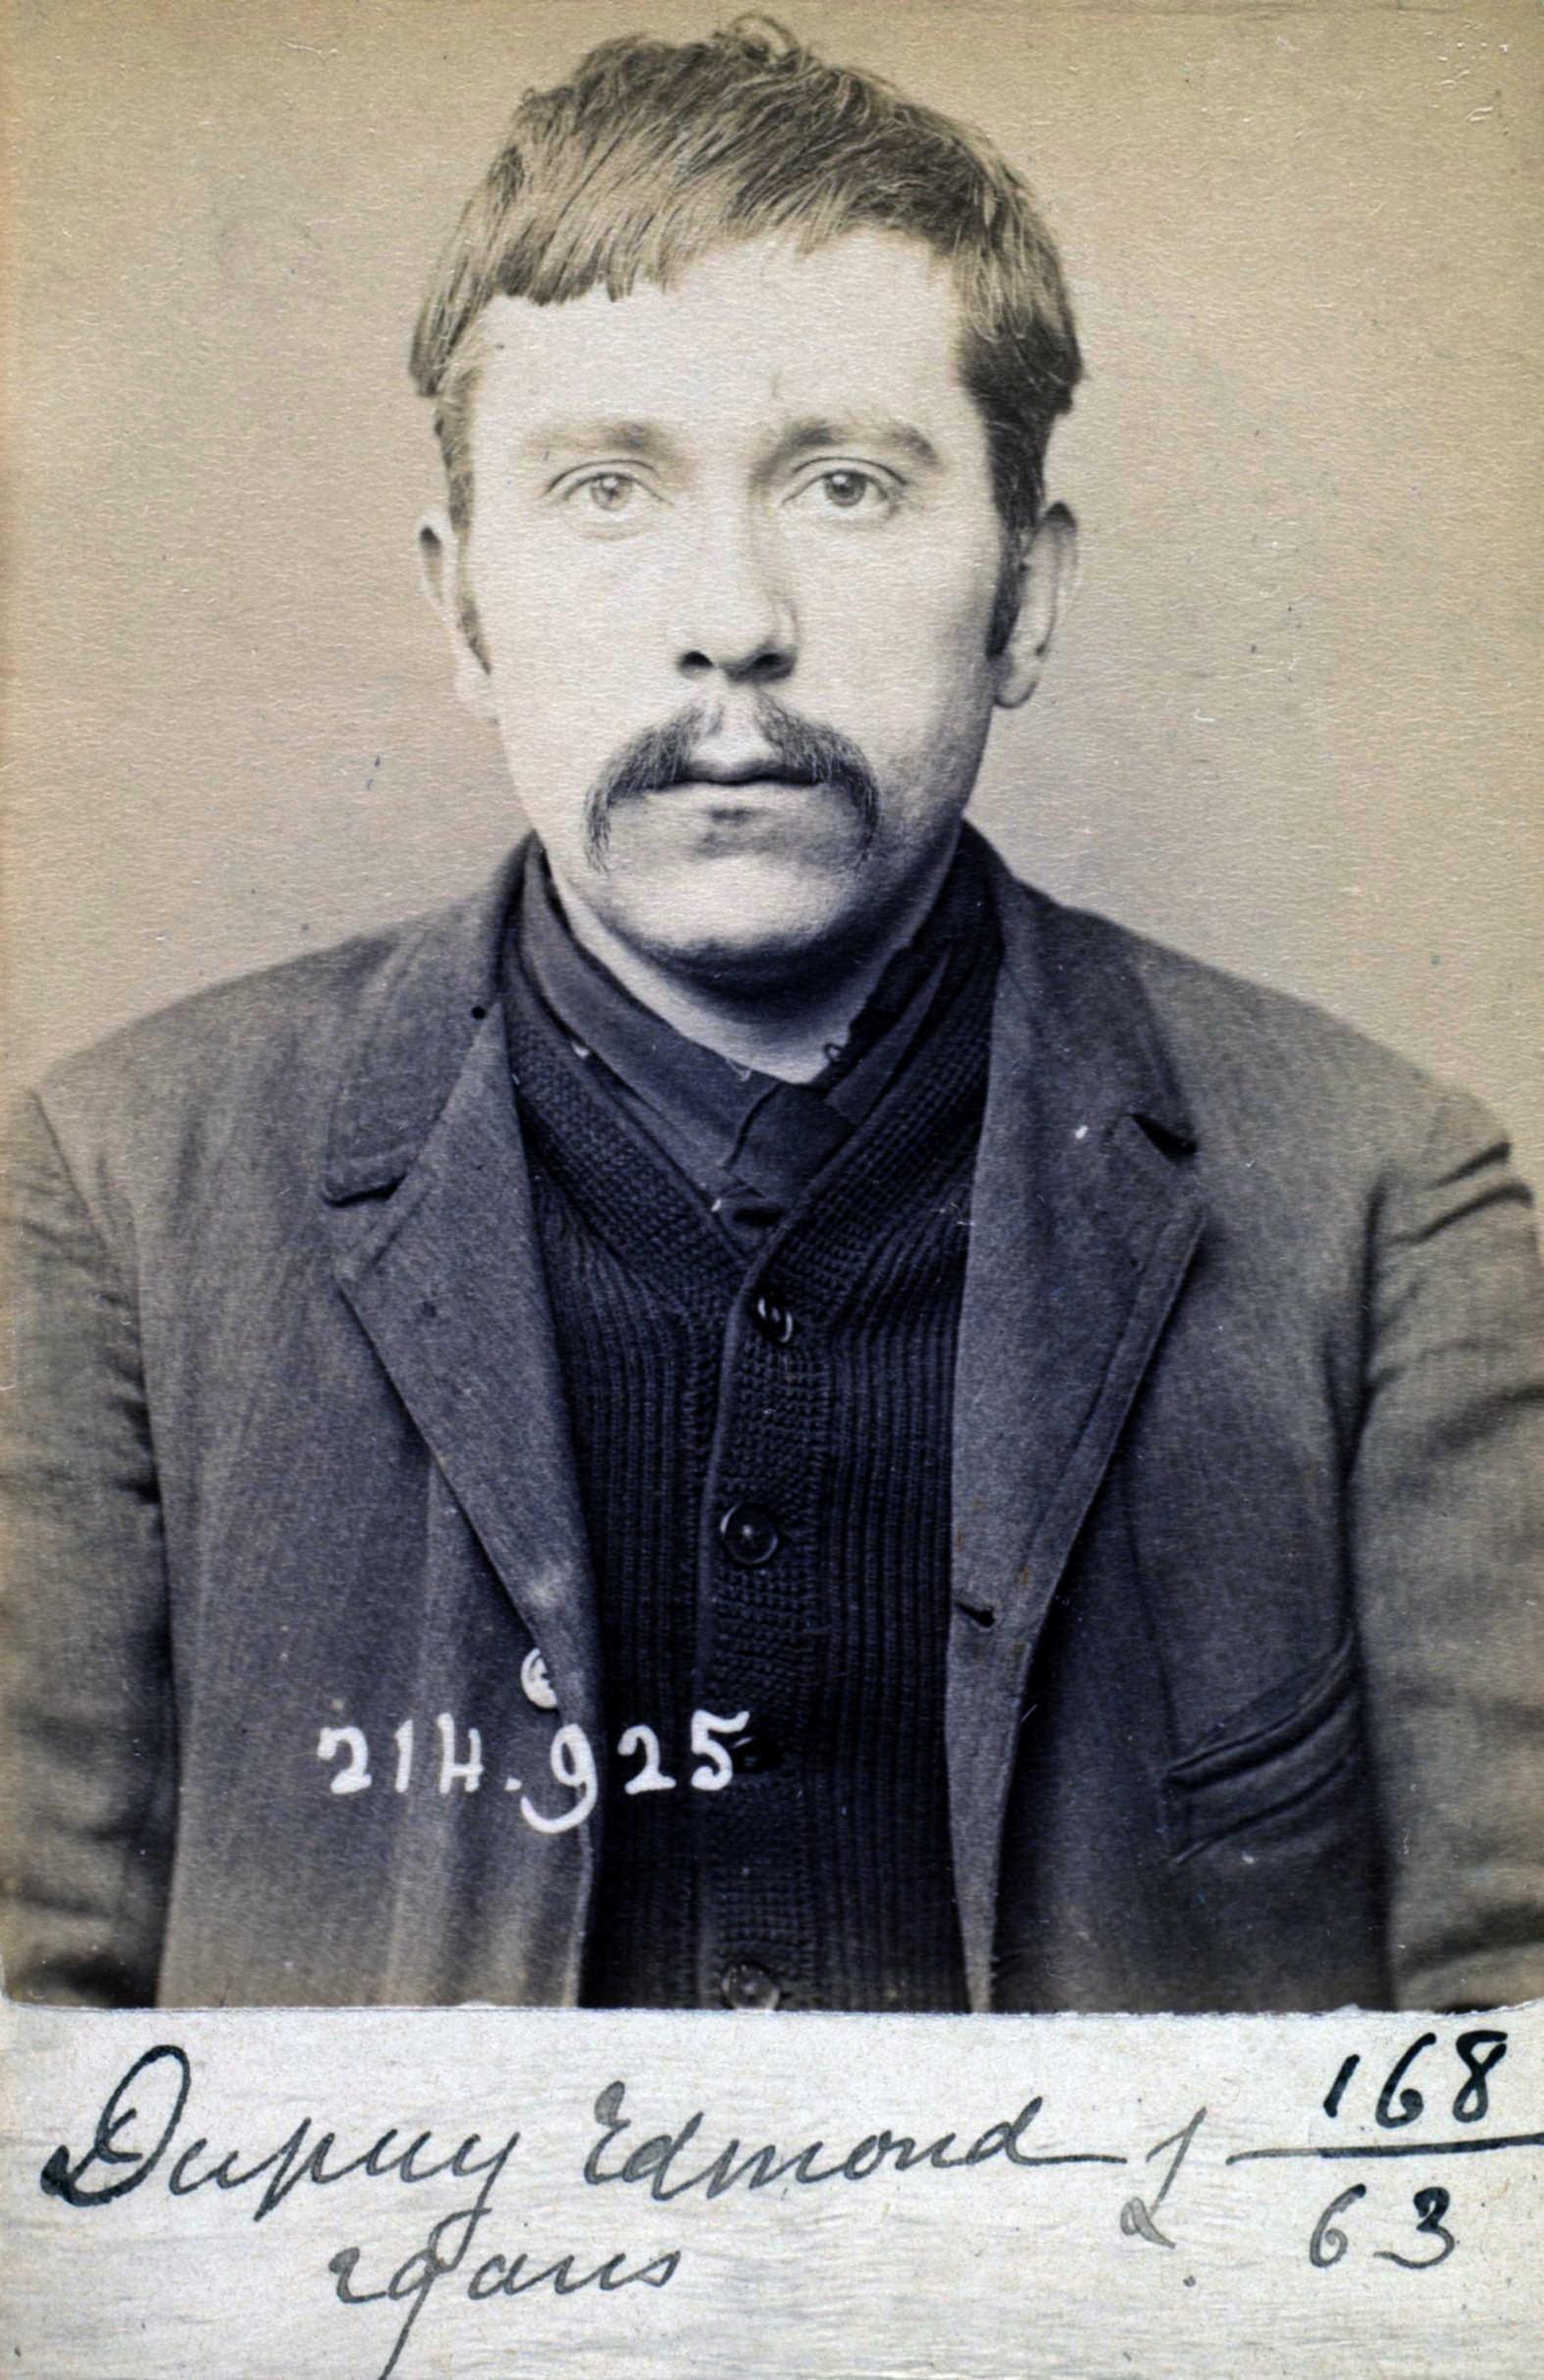 Foto policíaca d'Edmond Dupuy (1 de març de 1894)